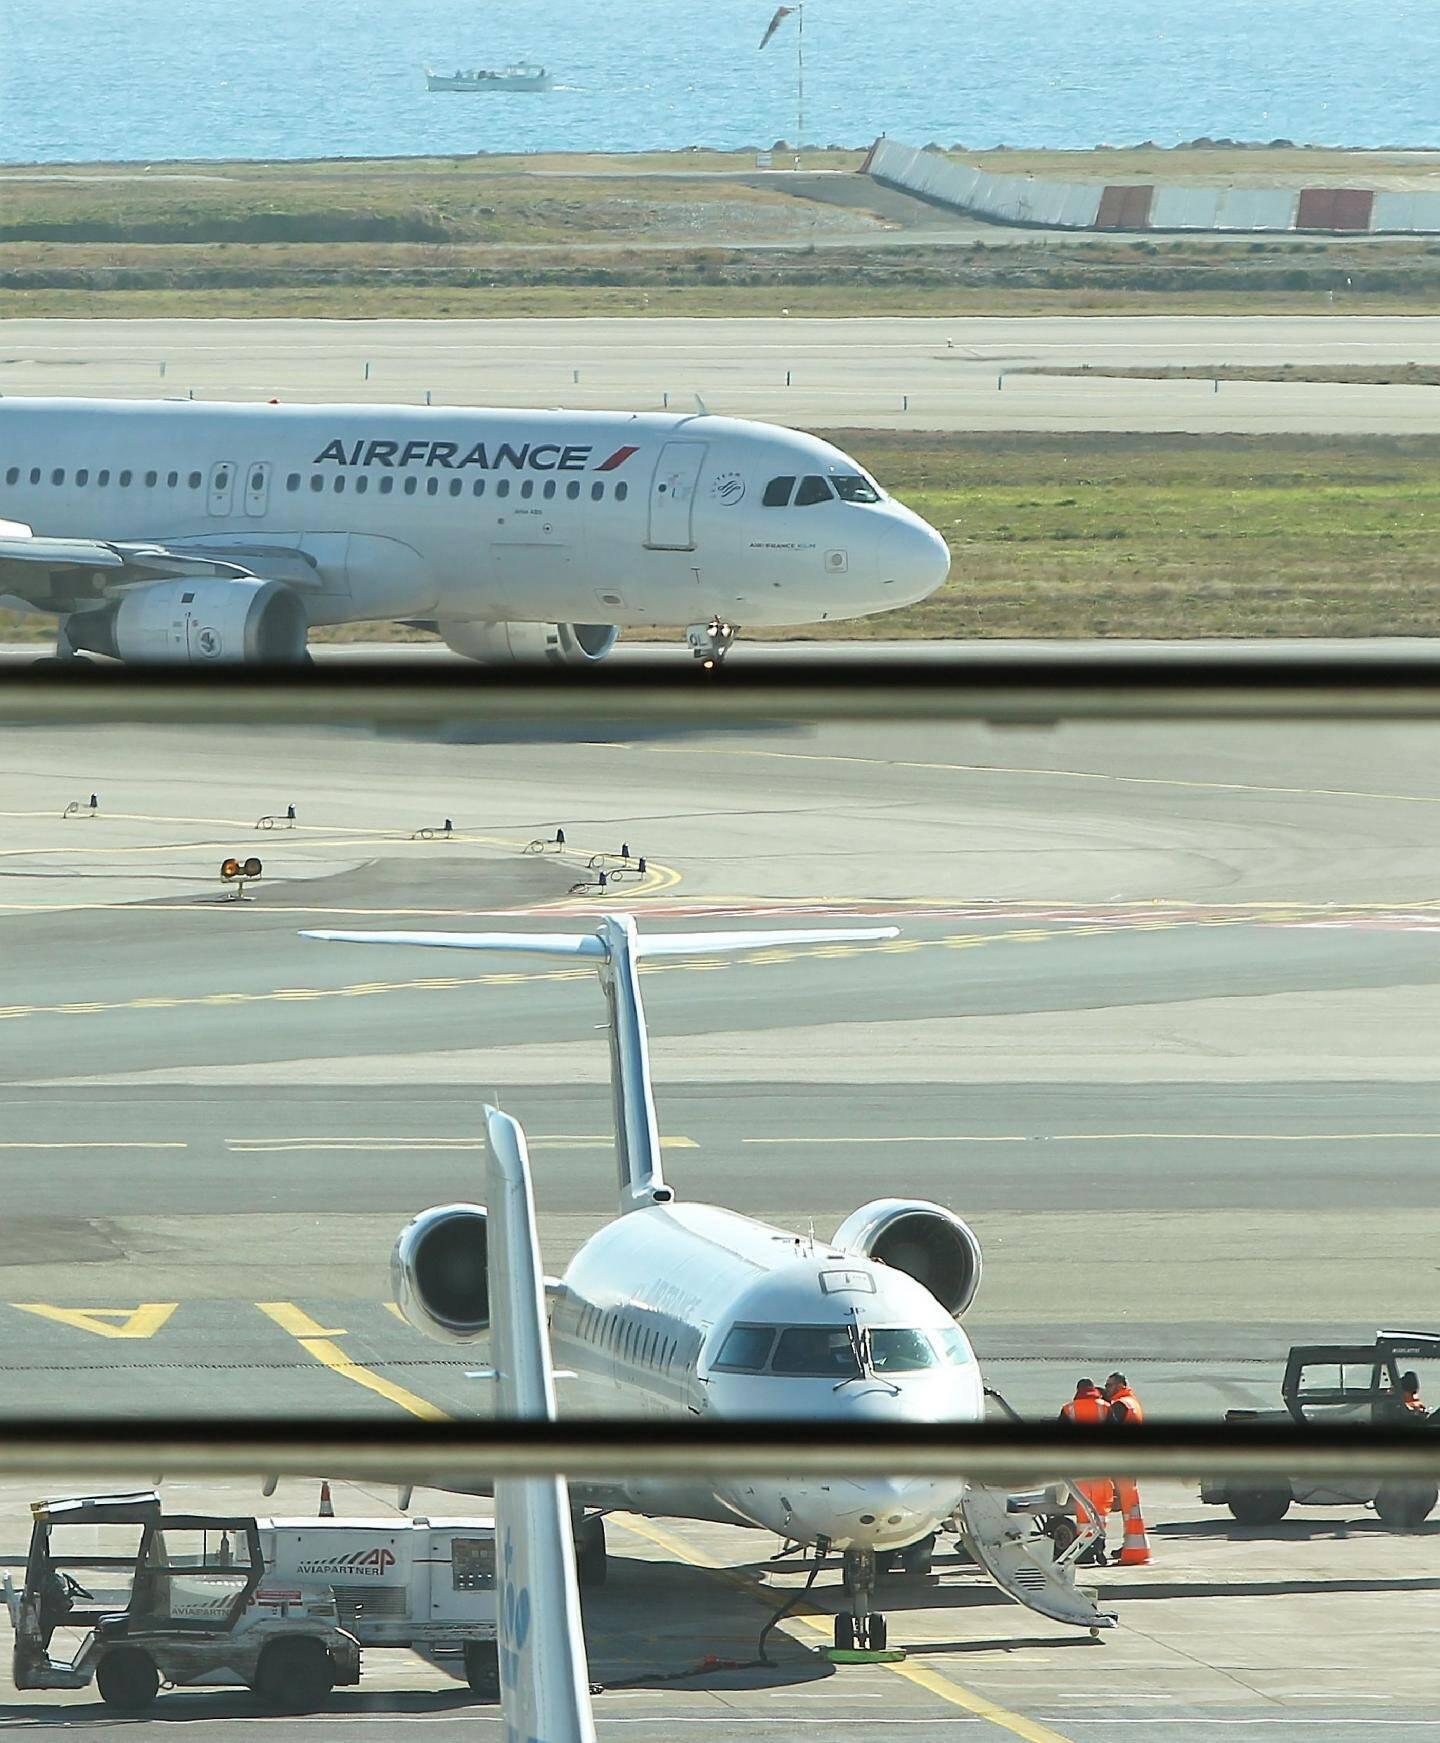 Dans son fief du terminal 2, Air France a réduit la grille horaire des liaisons avec Paris. A tel point que, pour le directeur de la CCI, le terme « navette » n'est plus approprié.